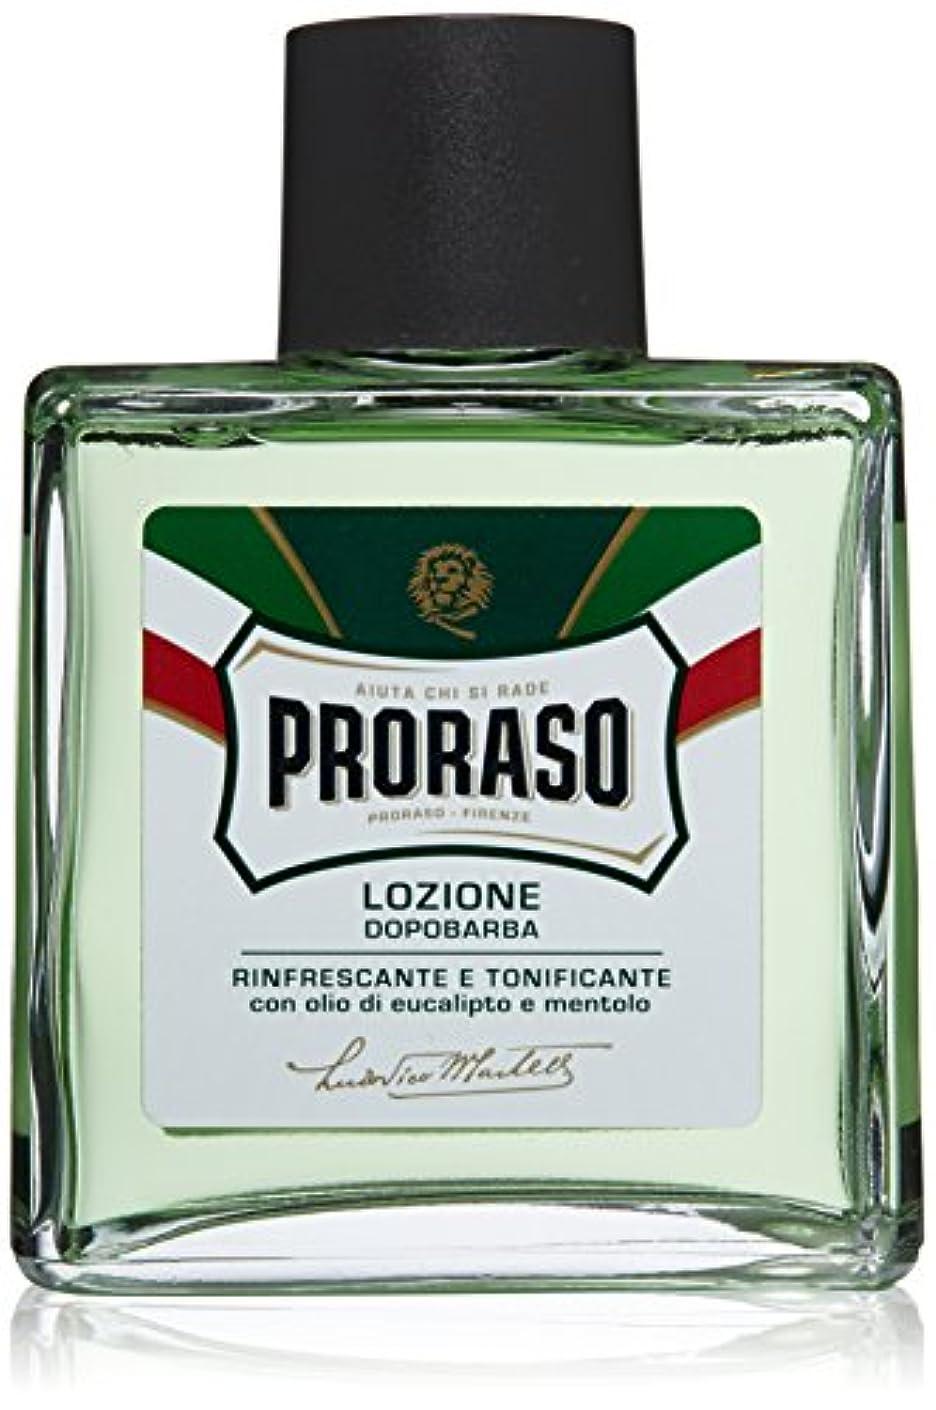 まだらリップチャームProraso アフター シェイブ ローション 並行輸入品 Proraso Aftershave Lotion Refresh 100 ml